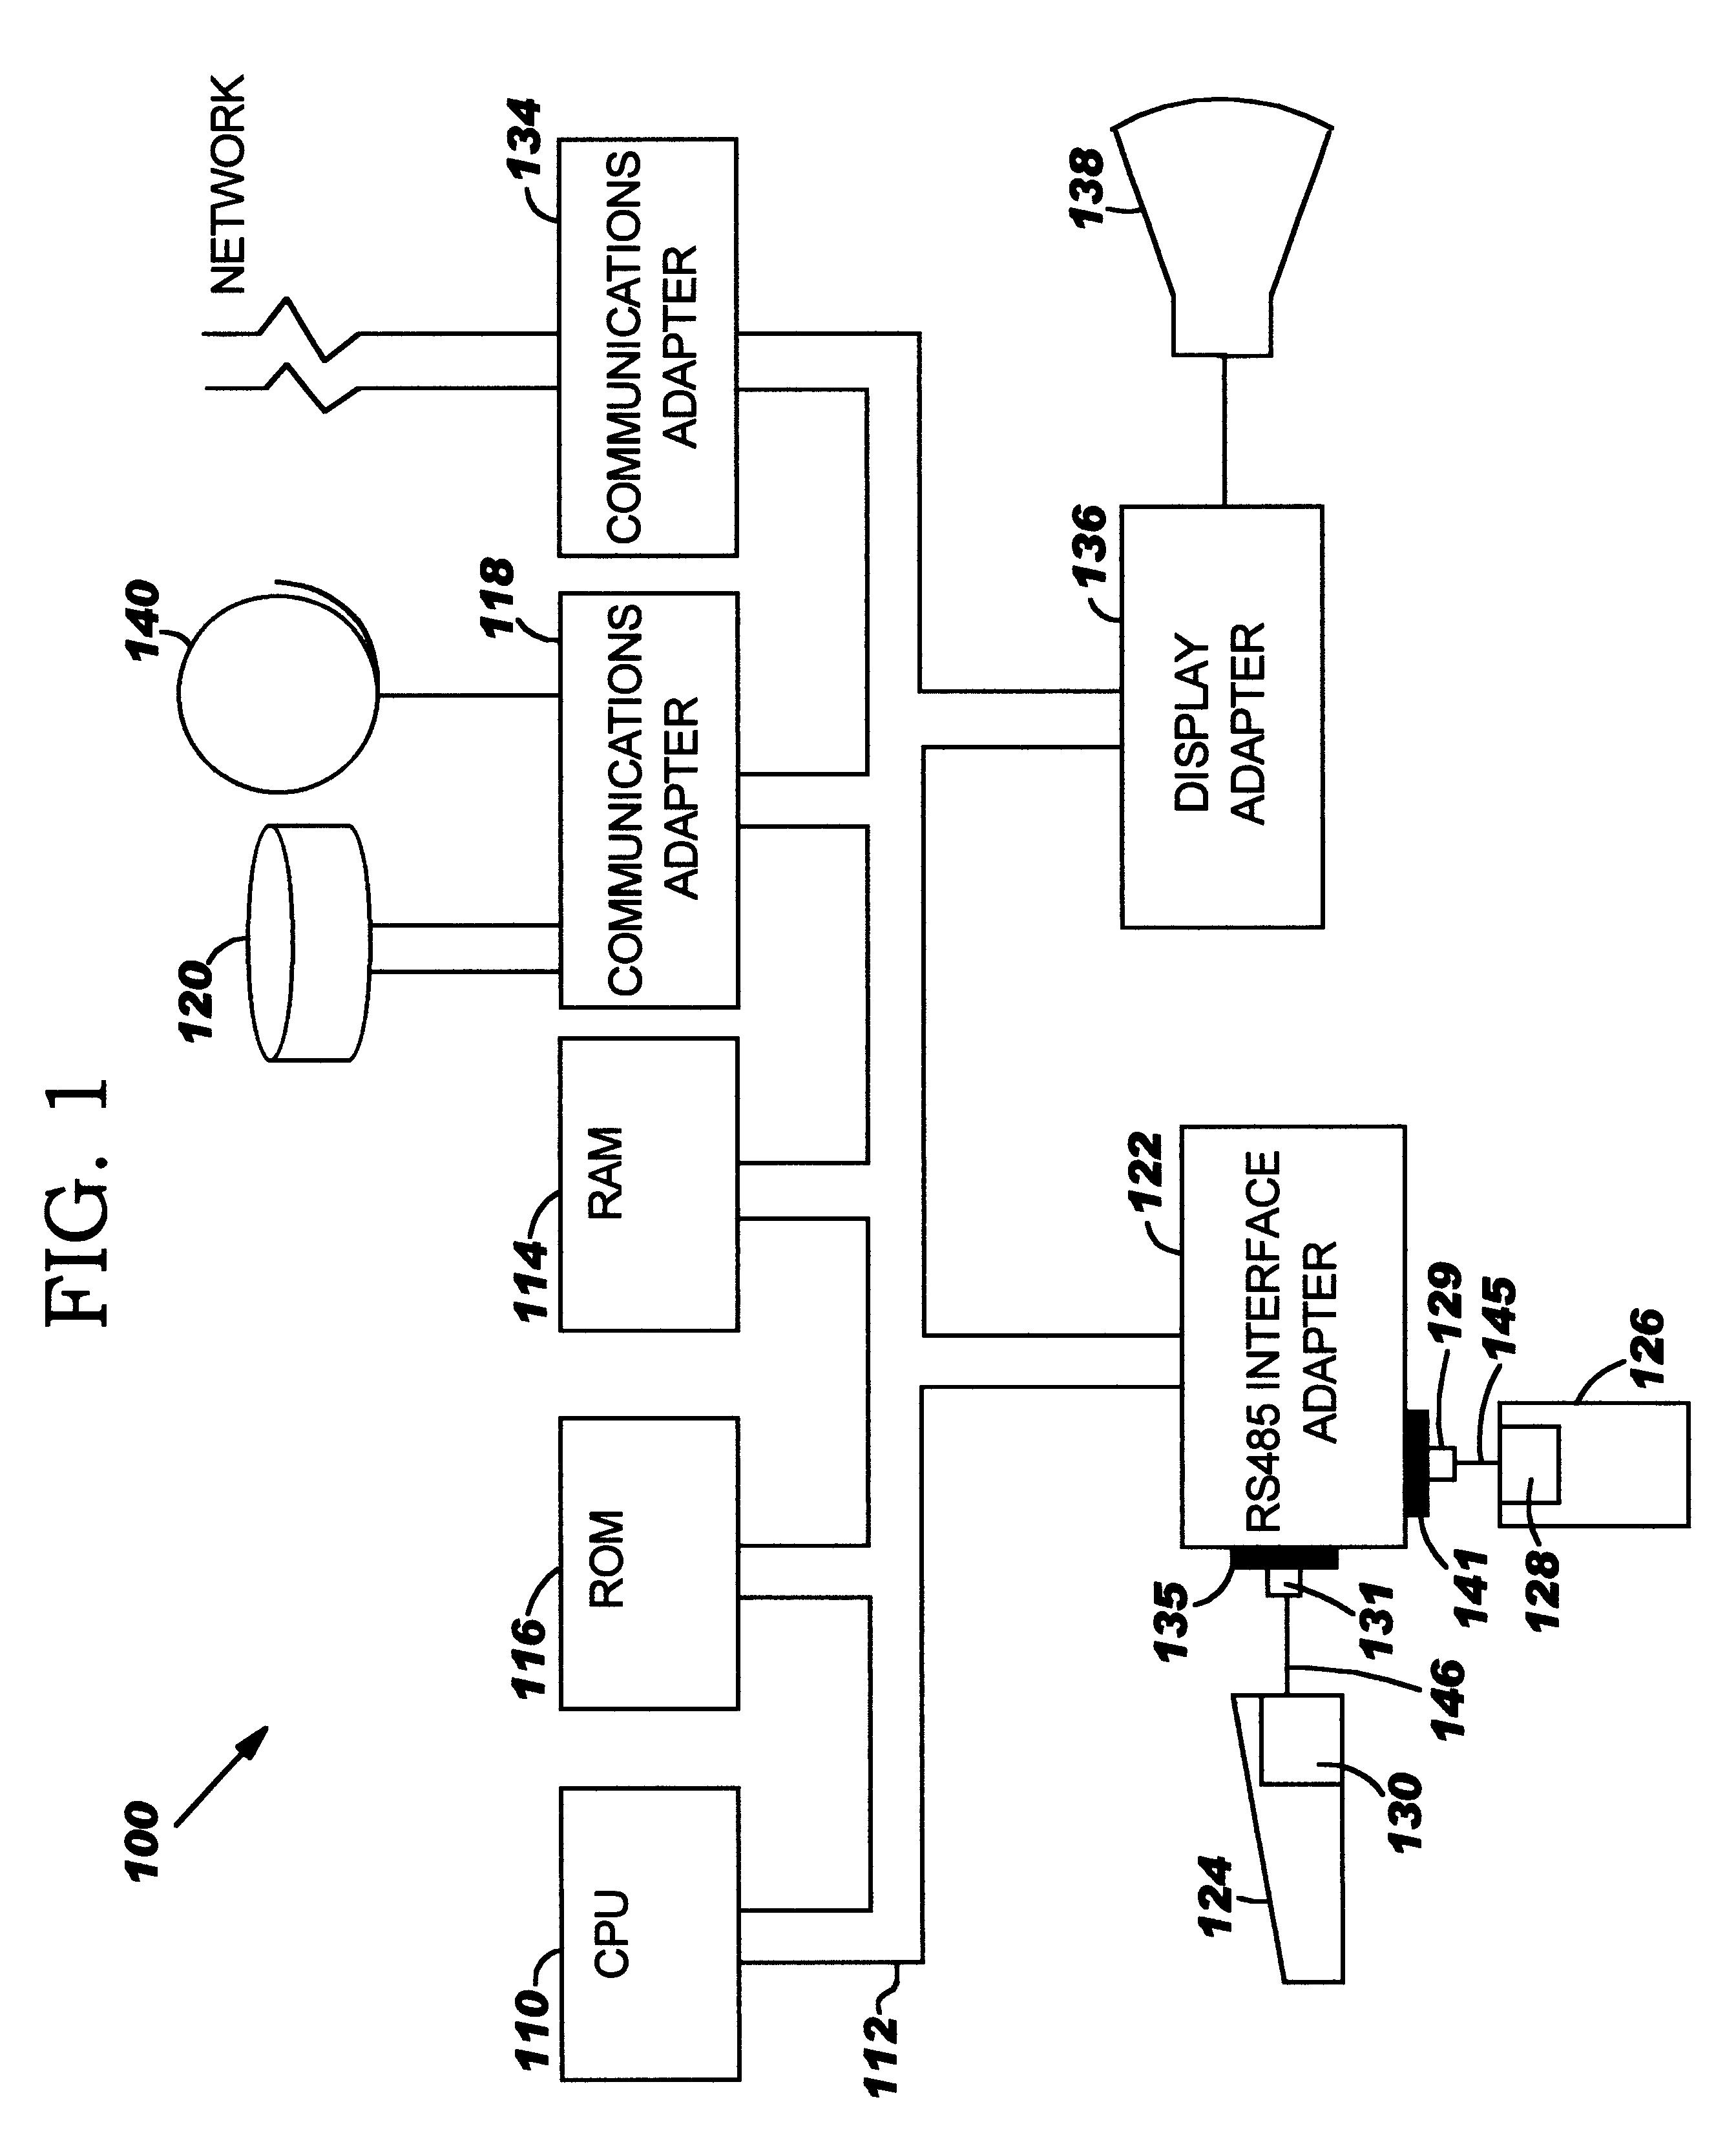 brevetto us6601124